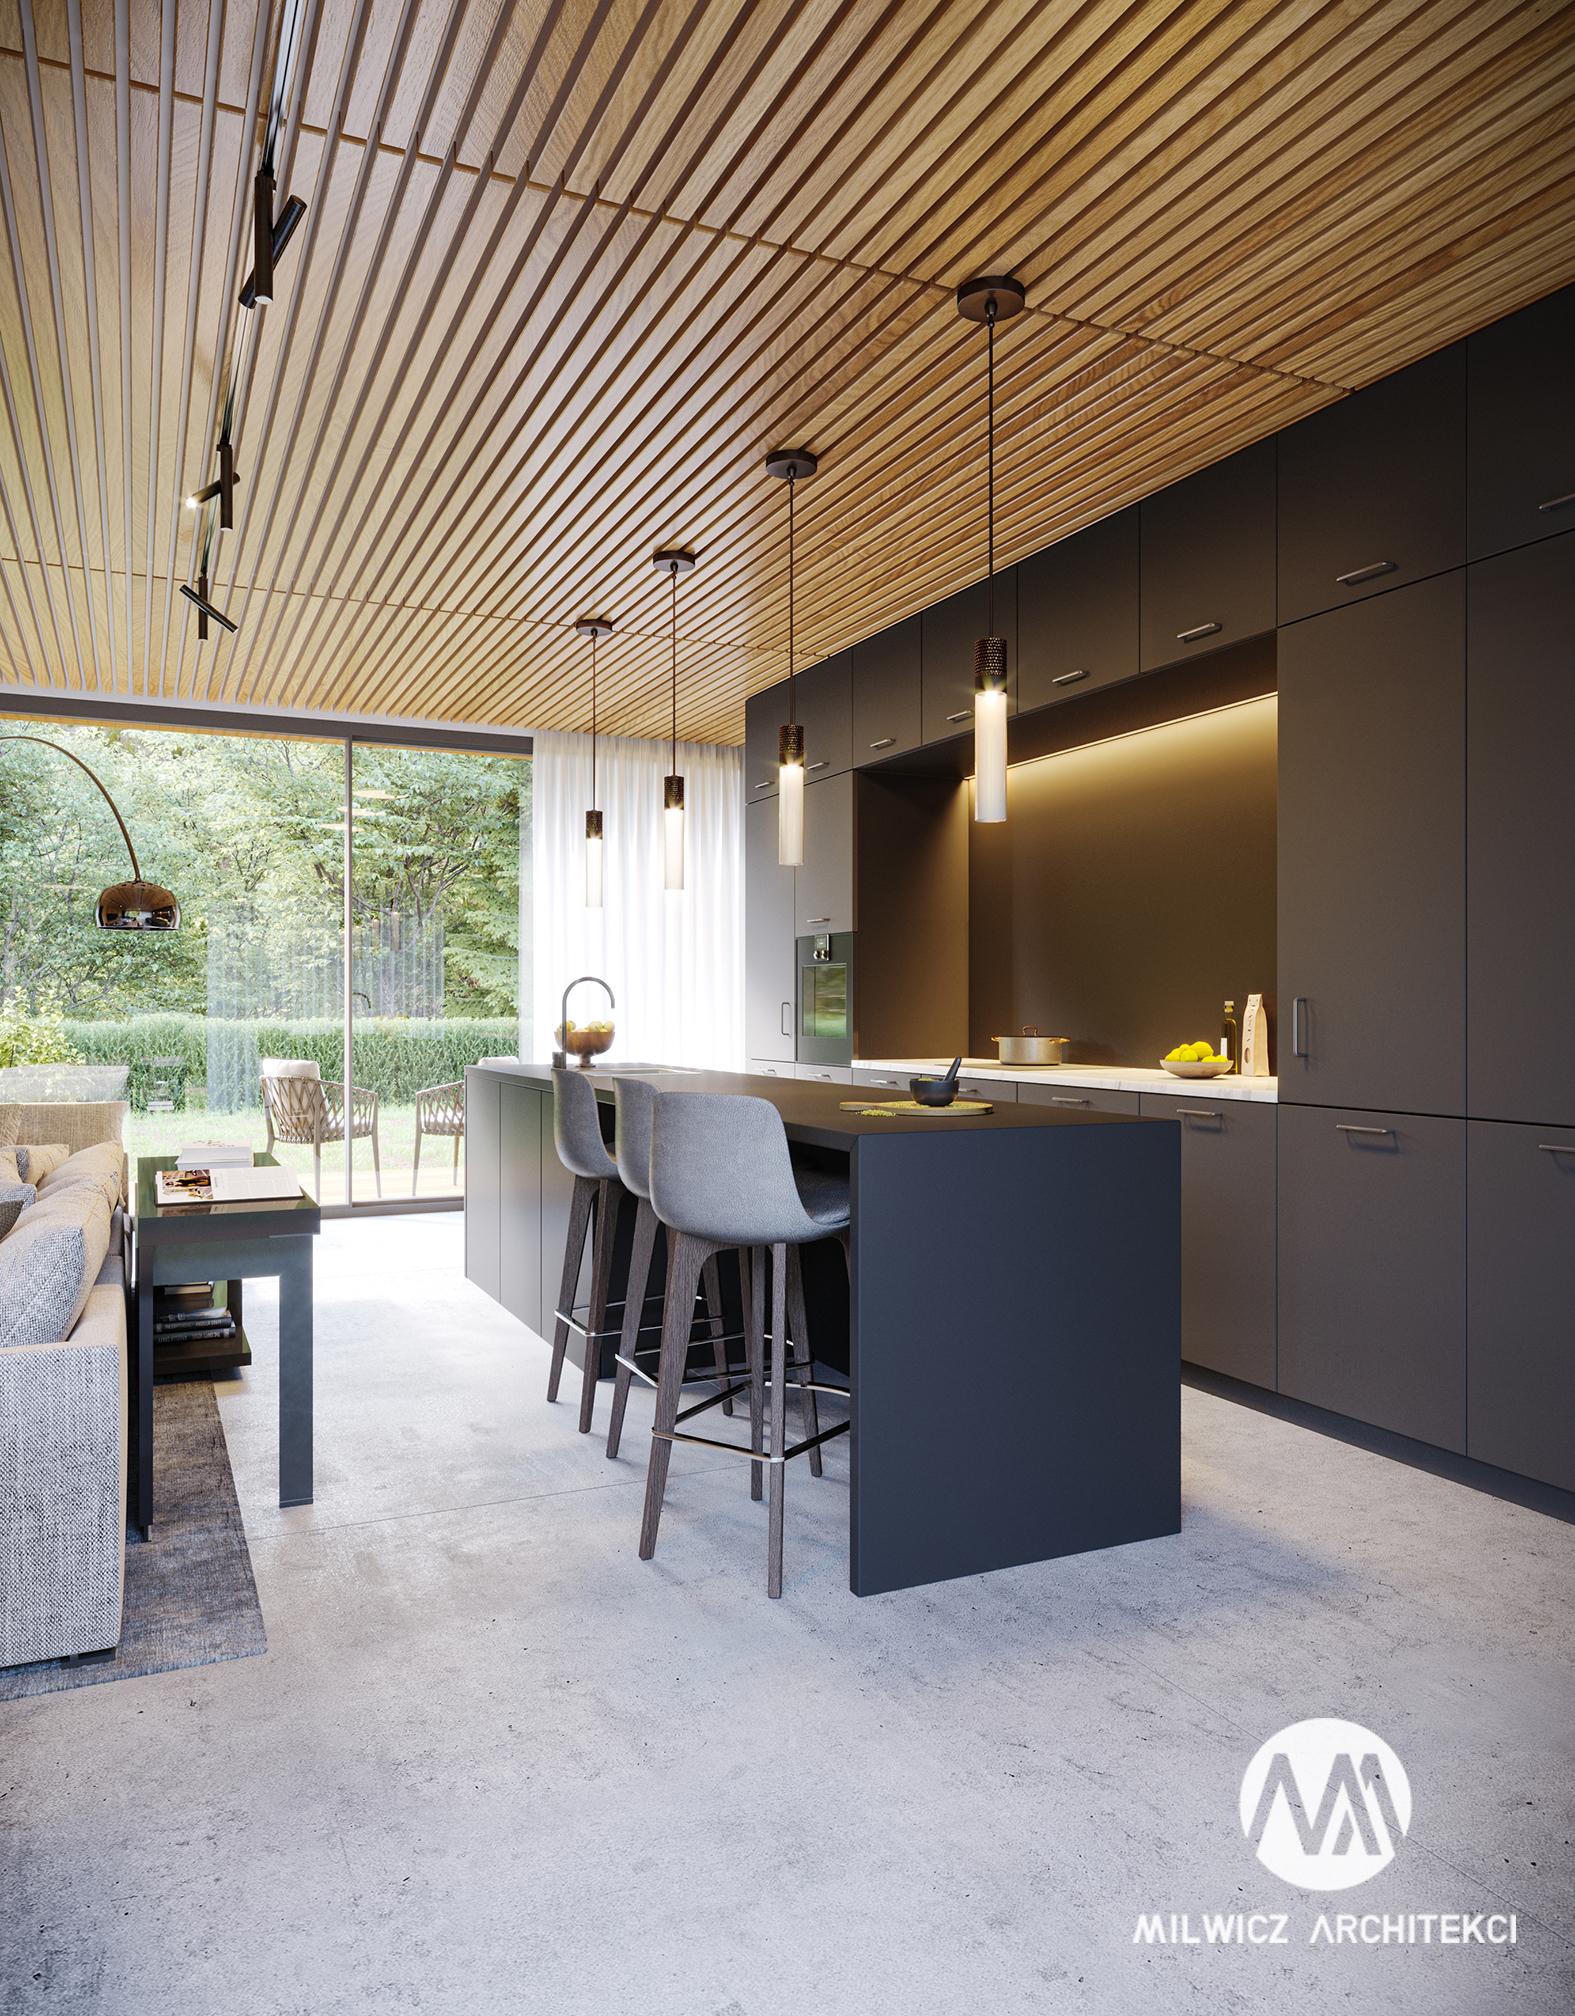 projekt D125v2, projekt wnętrz, minimalizm, nowoczesna kuchnia, wyspa, sufit drewniany